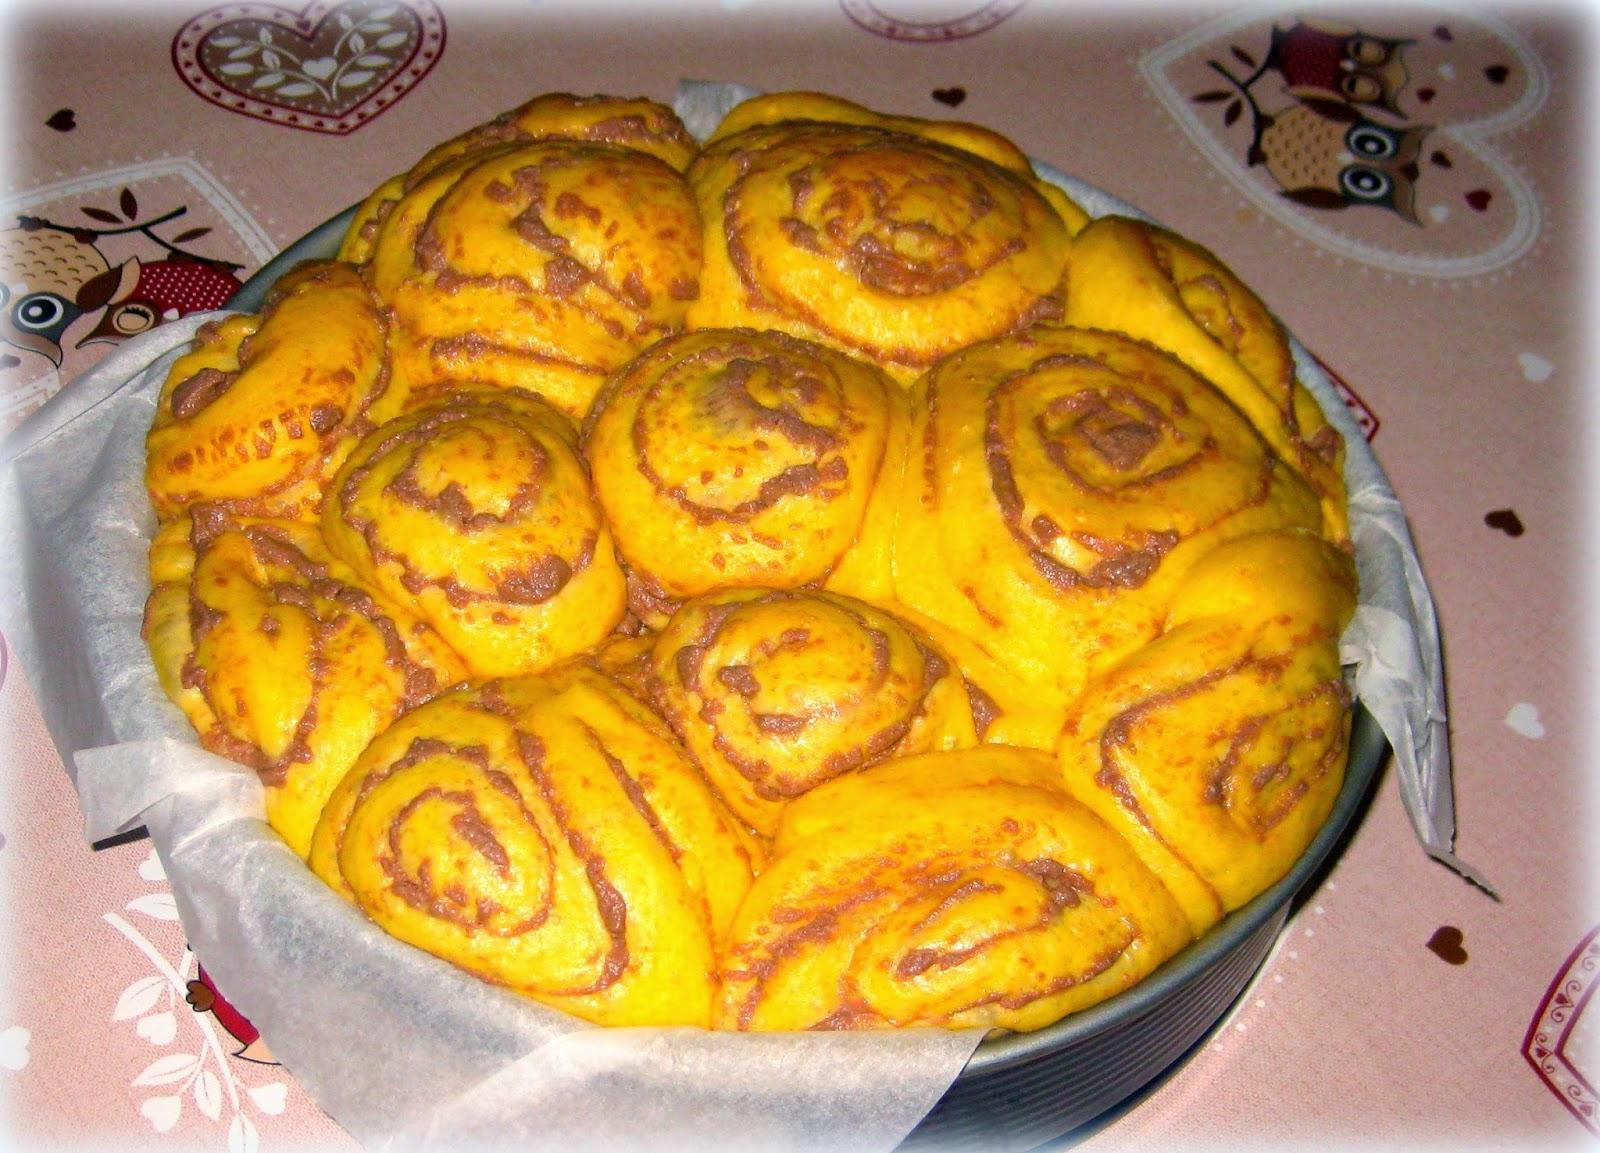 La ricetta della Torta di Rose con Cioccolato e Ricotta è un po' elaborata, ma il risultato è da leccarsi i baffi.